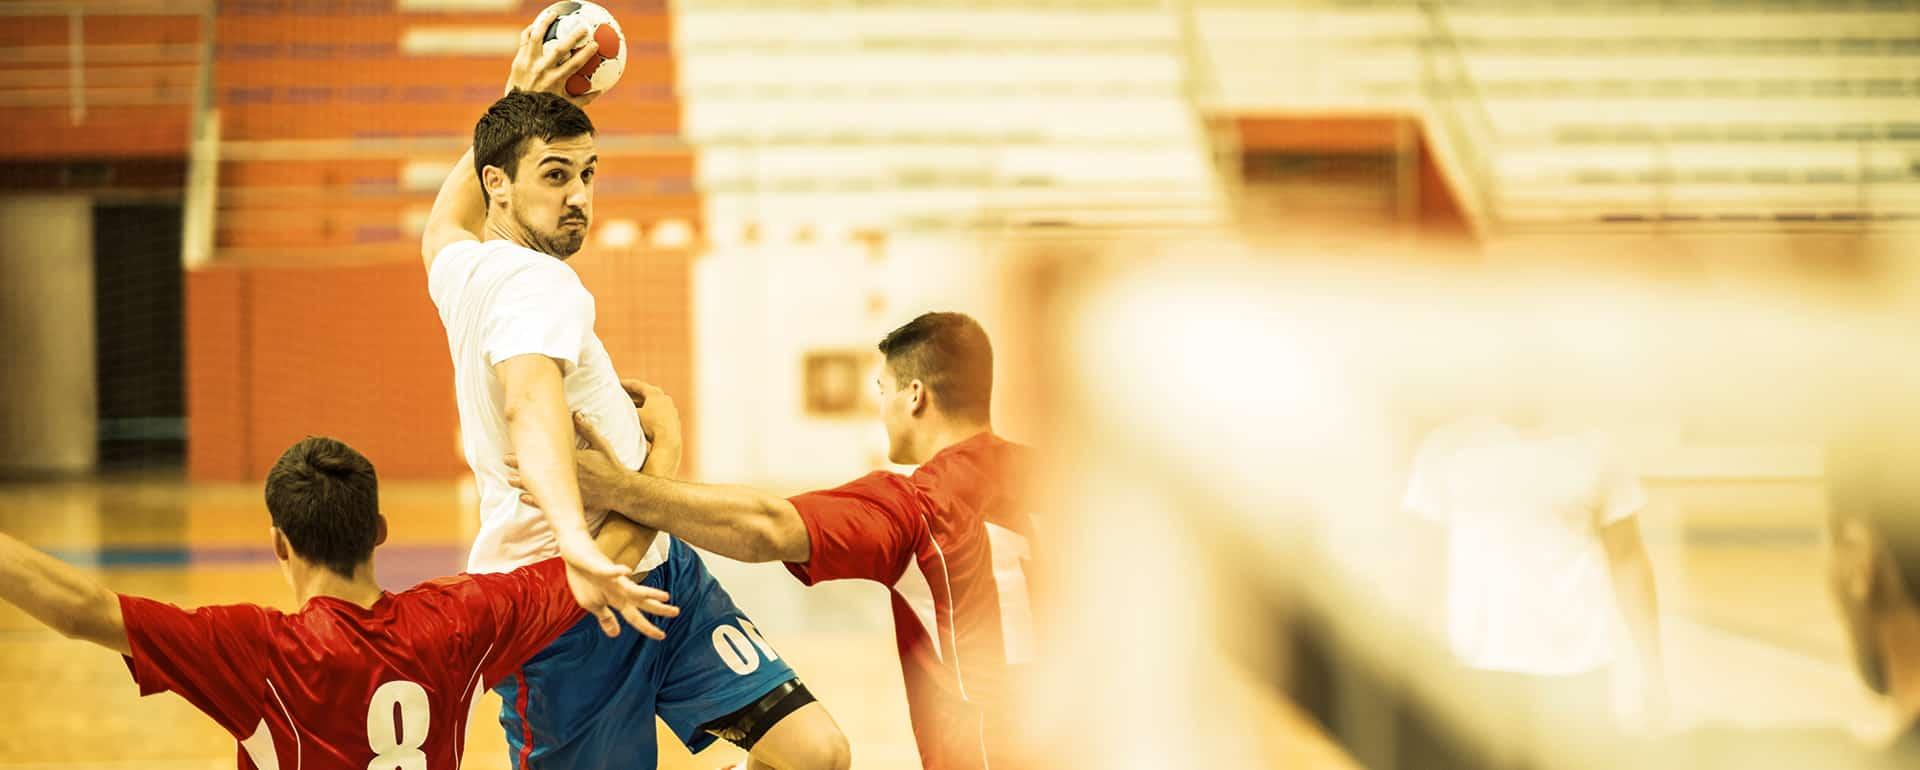 handballuebungen-header-training